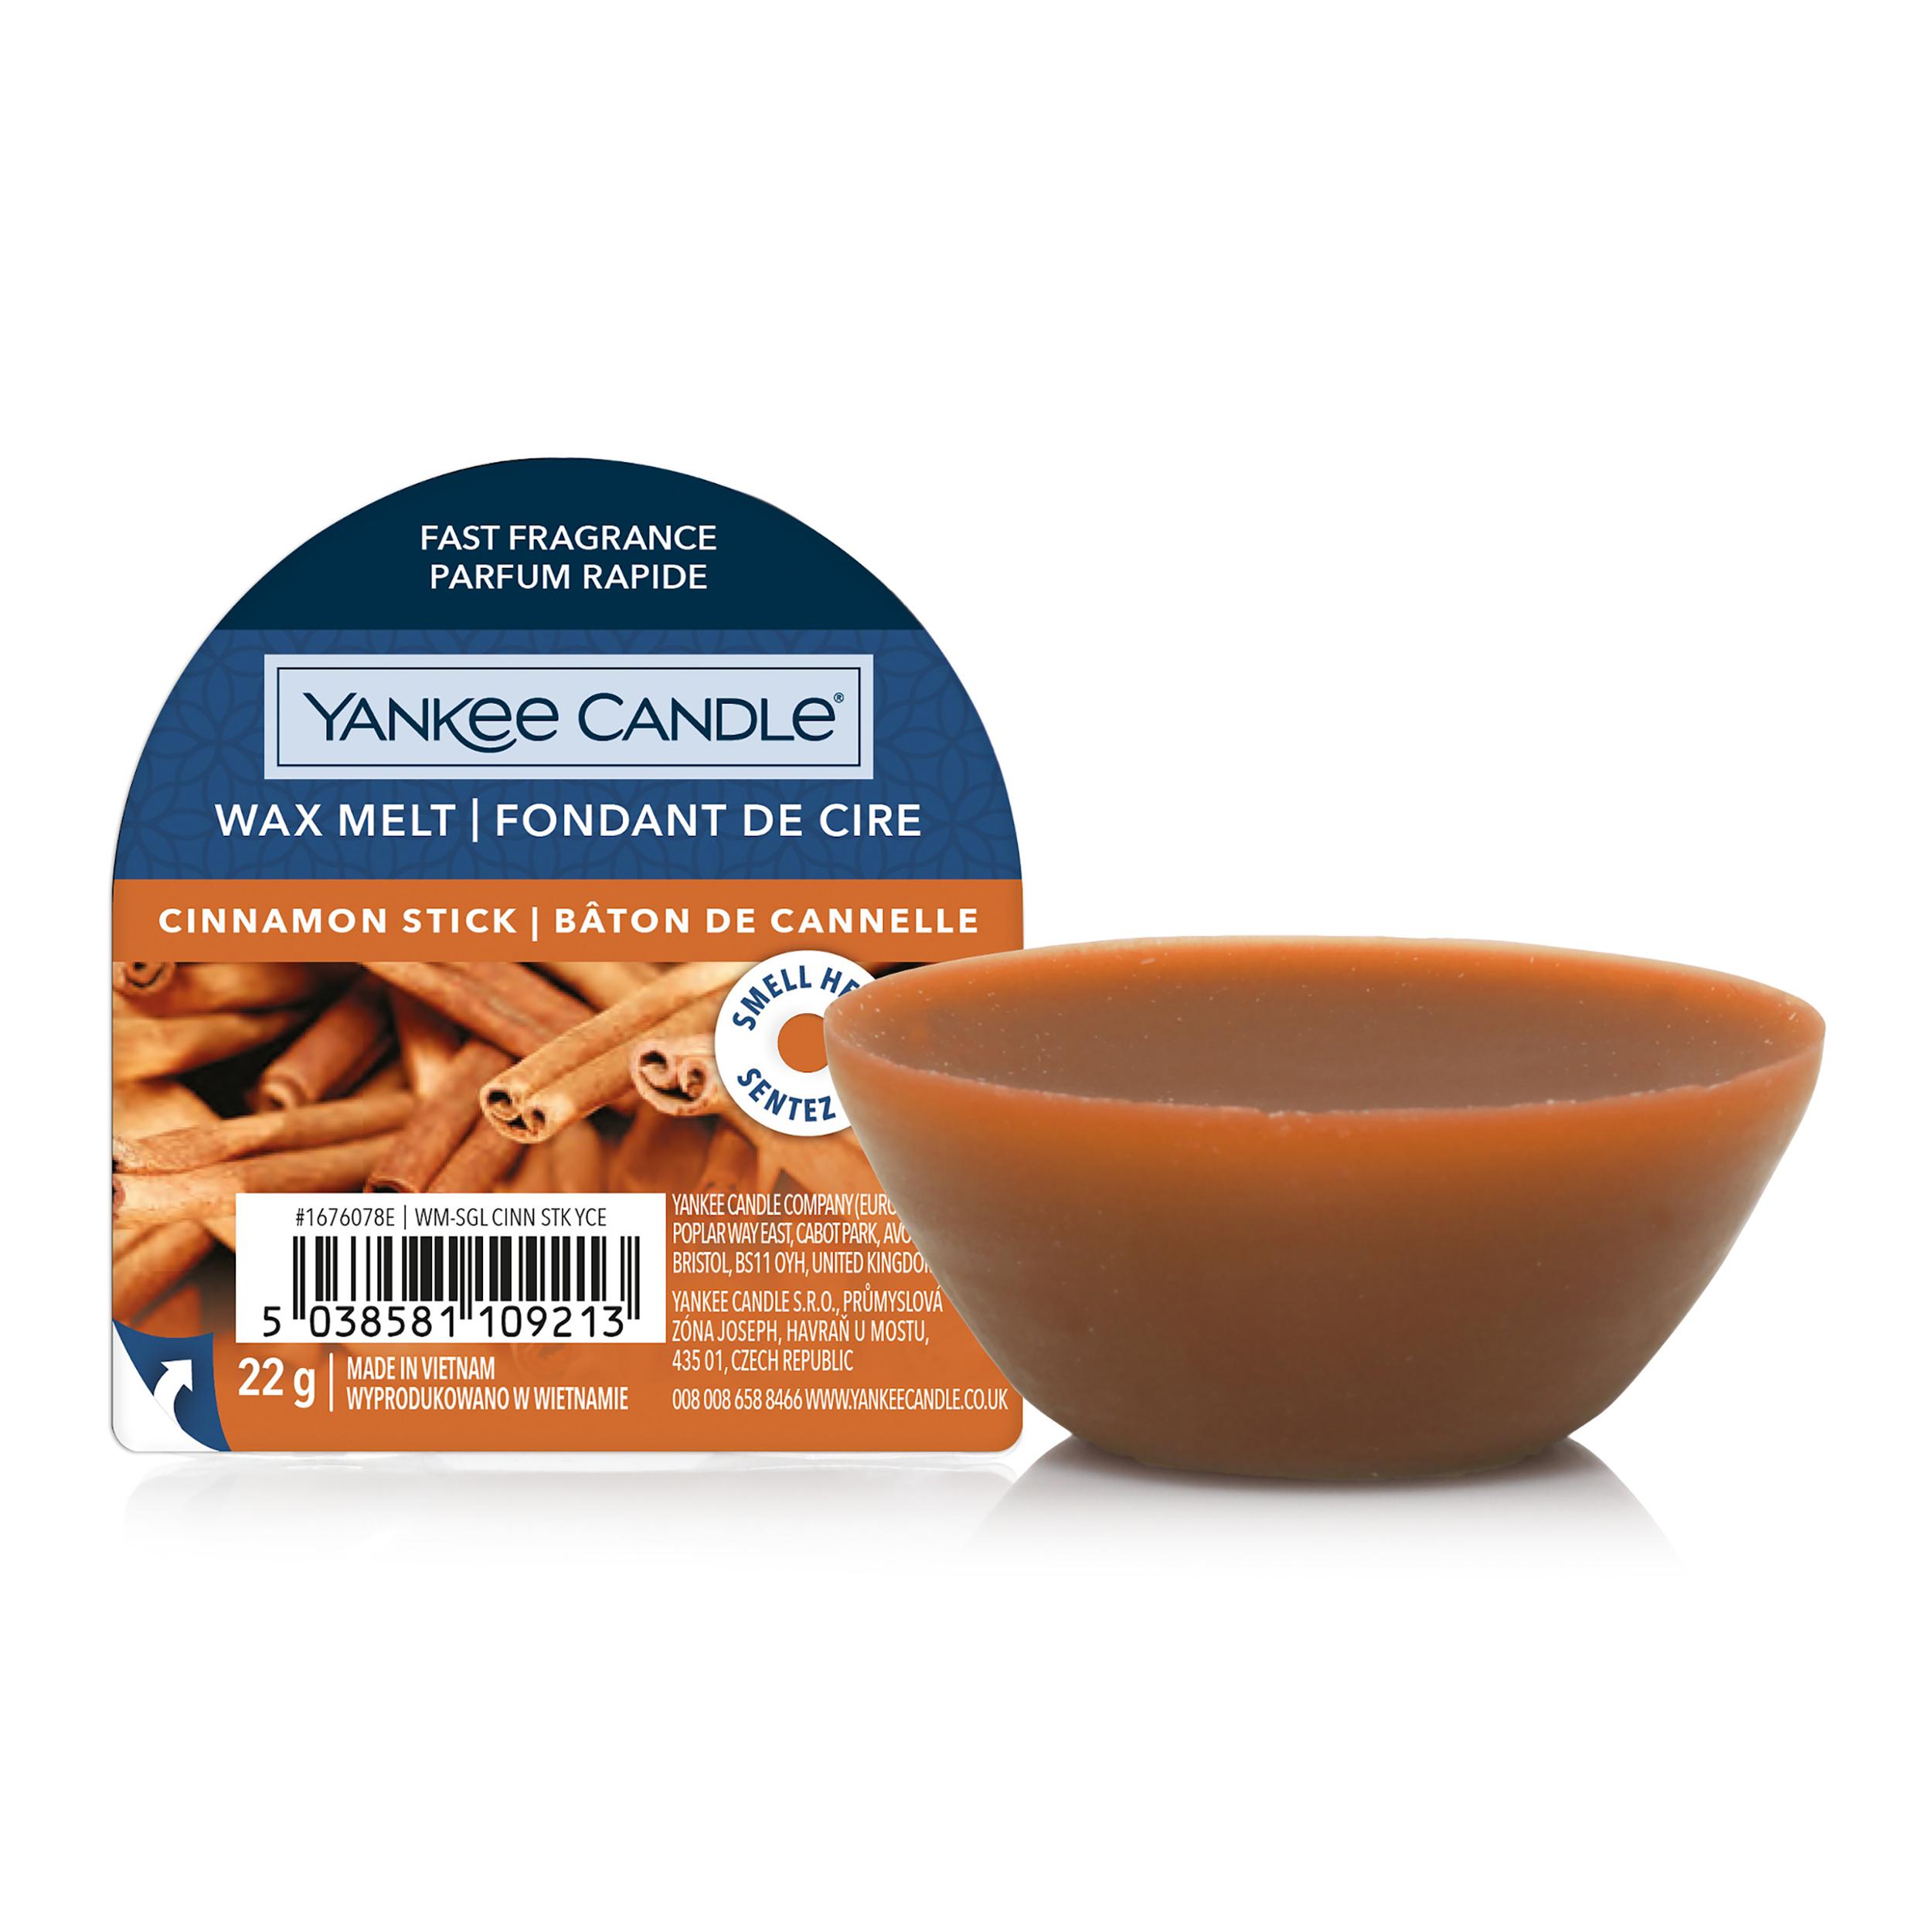 Fondant de cire Cinnamon Stick